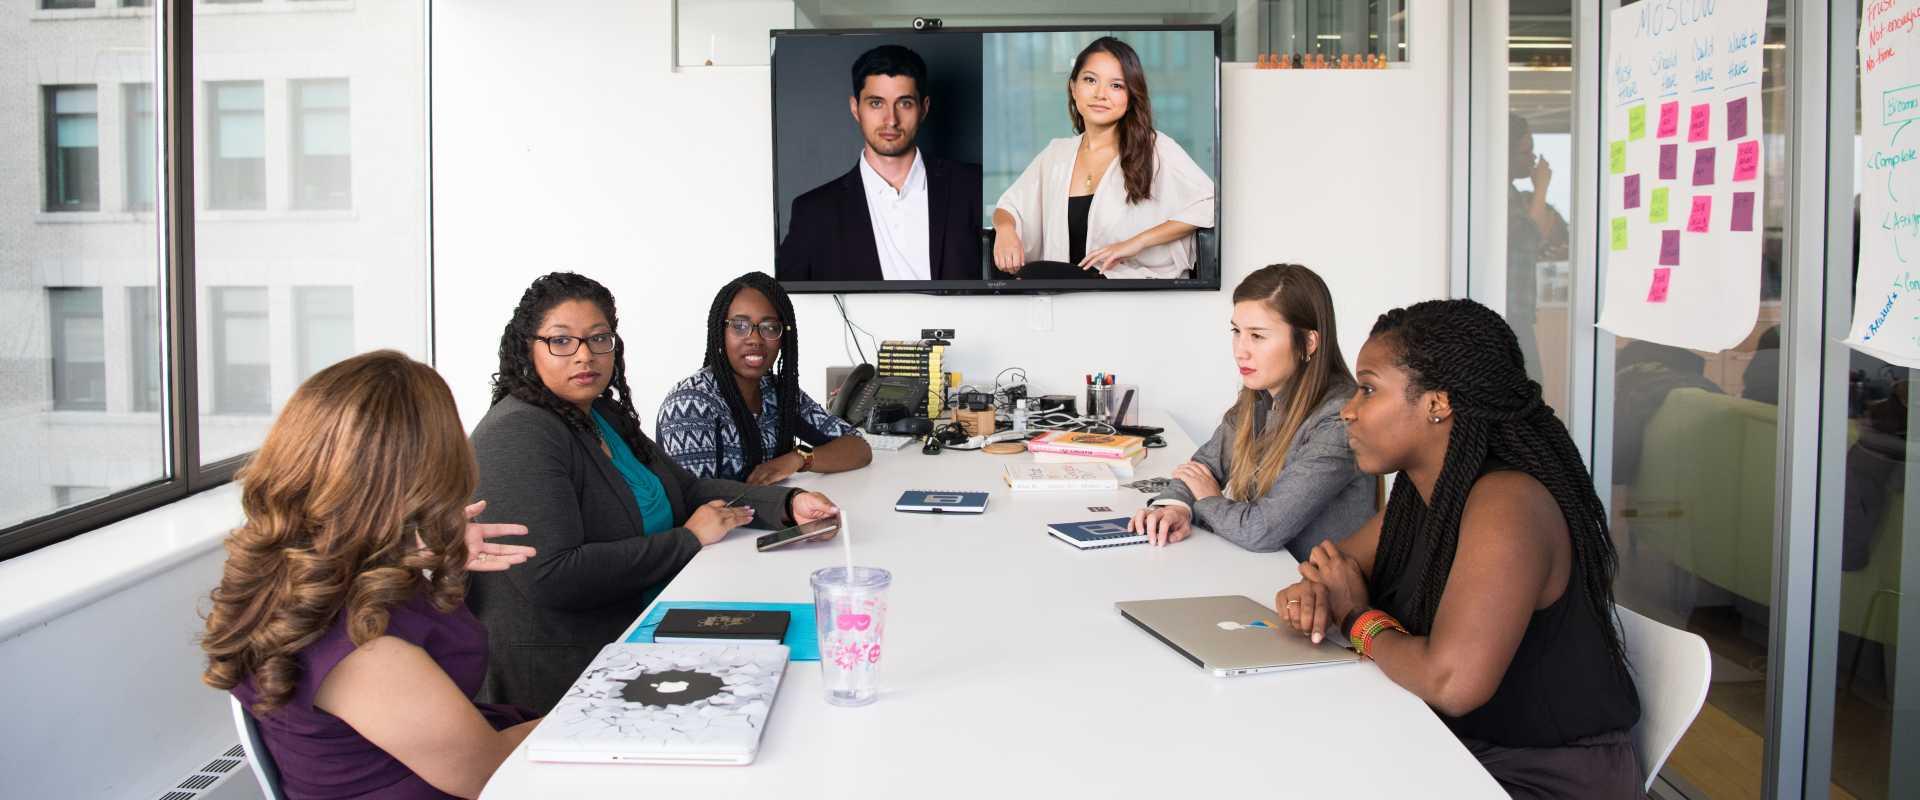 Das kleine 1×1 für Videokonferenz in Gruppen